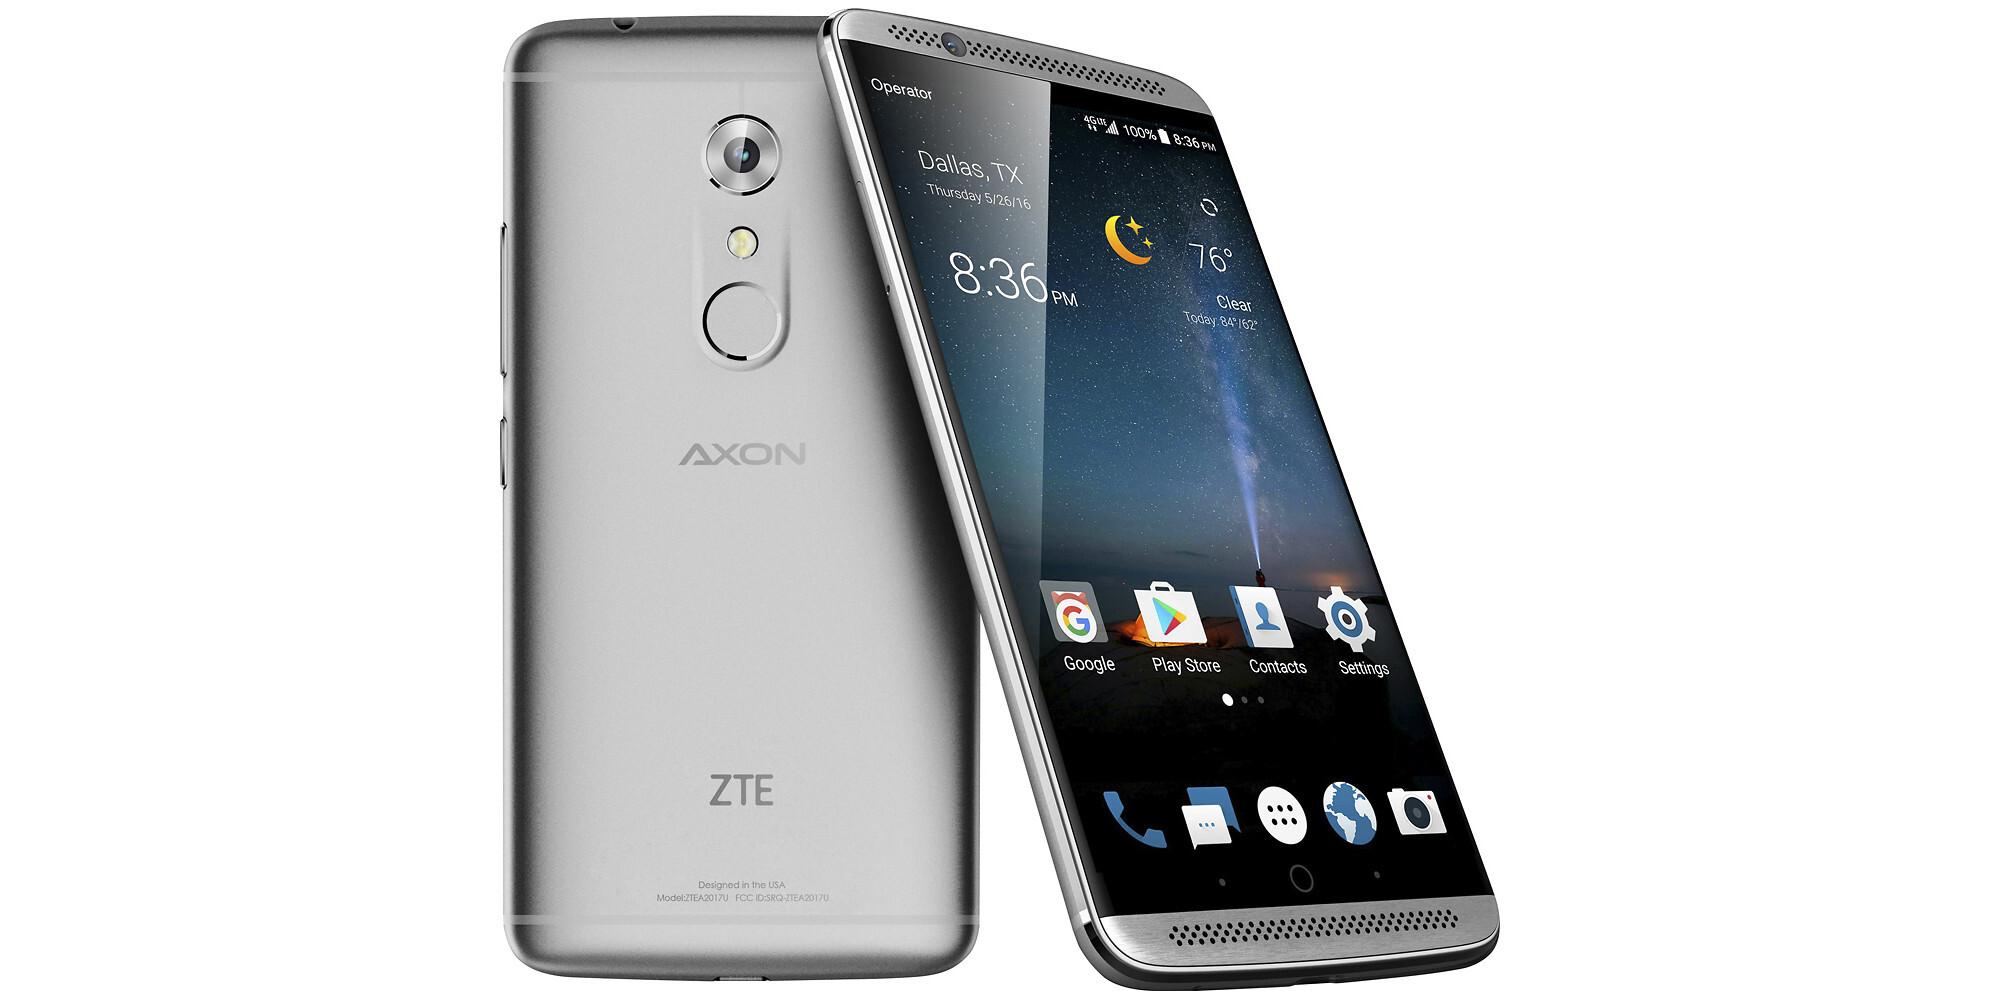 zte axon support will